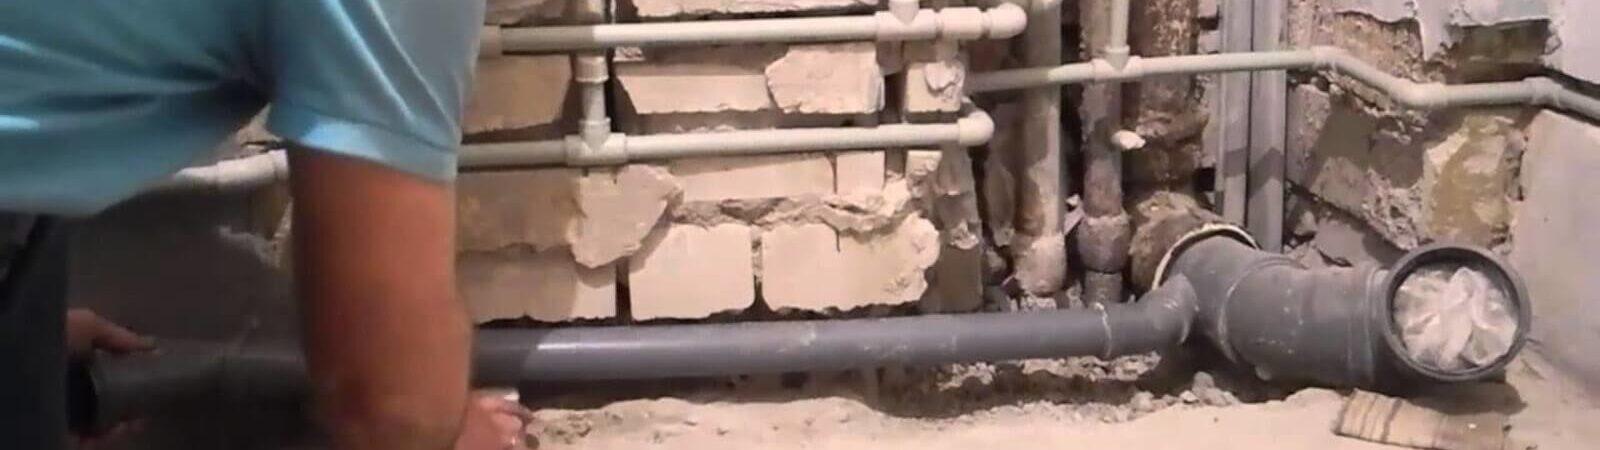 Как сделать разводку канализационных труб